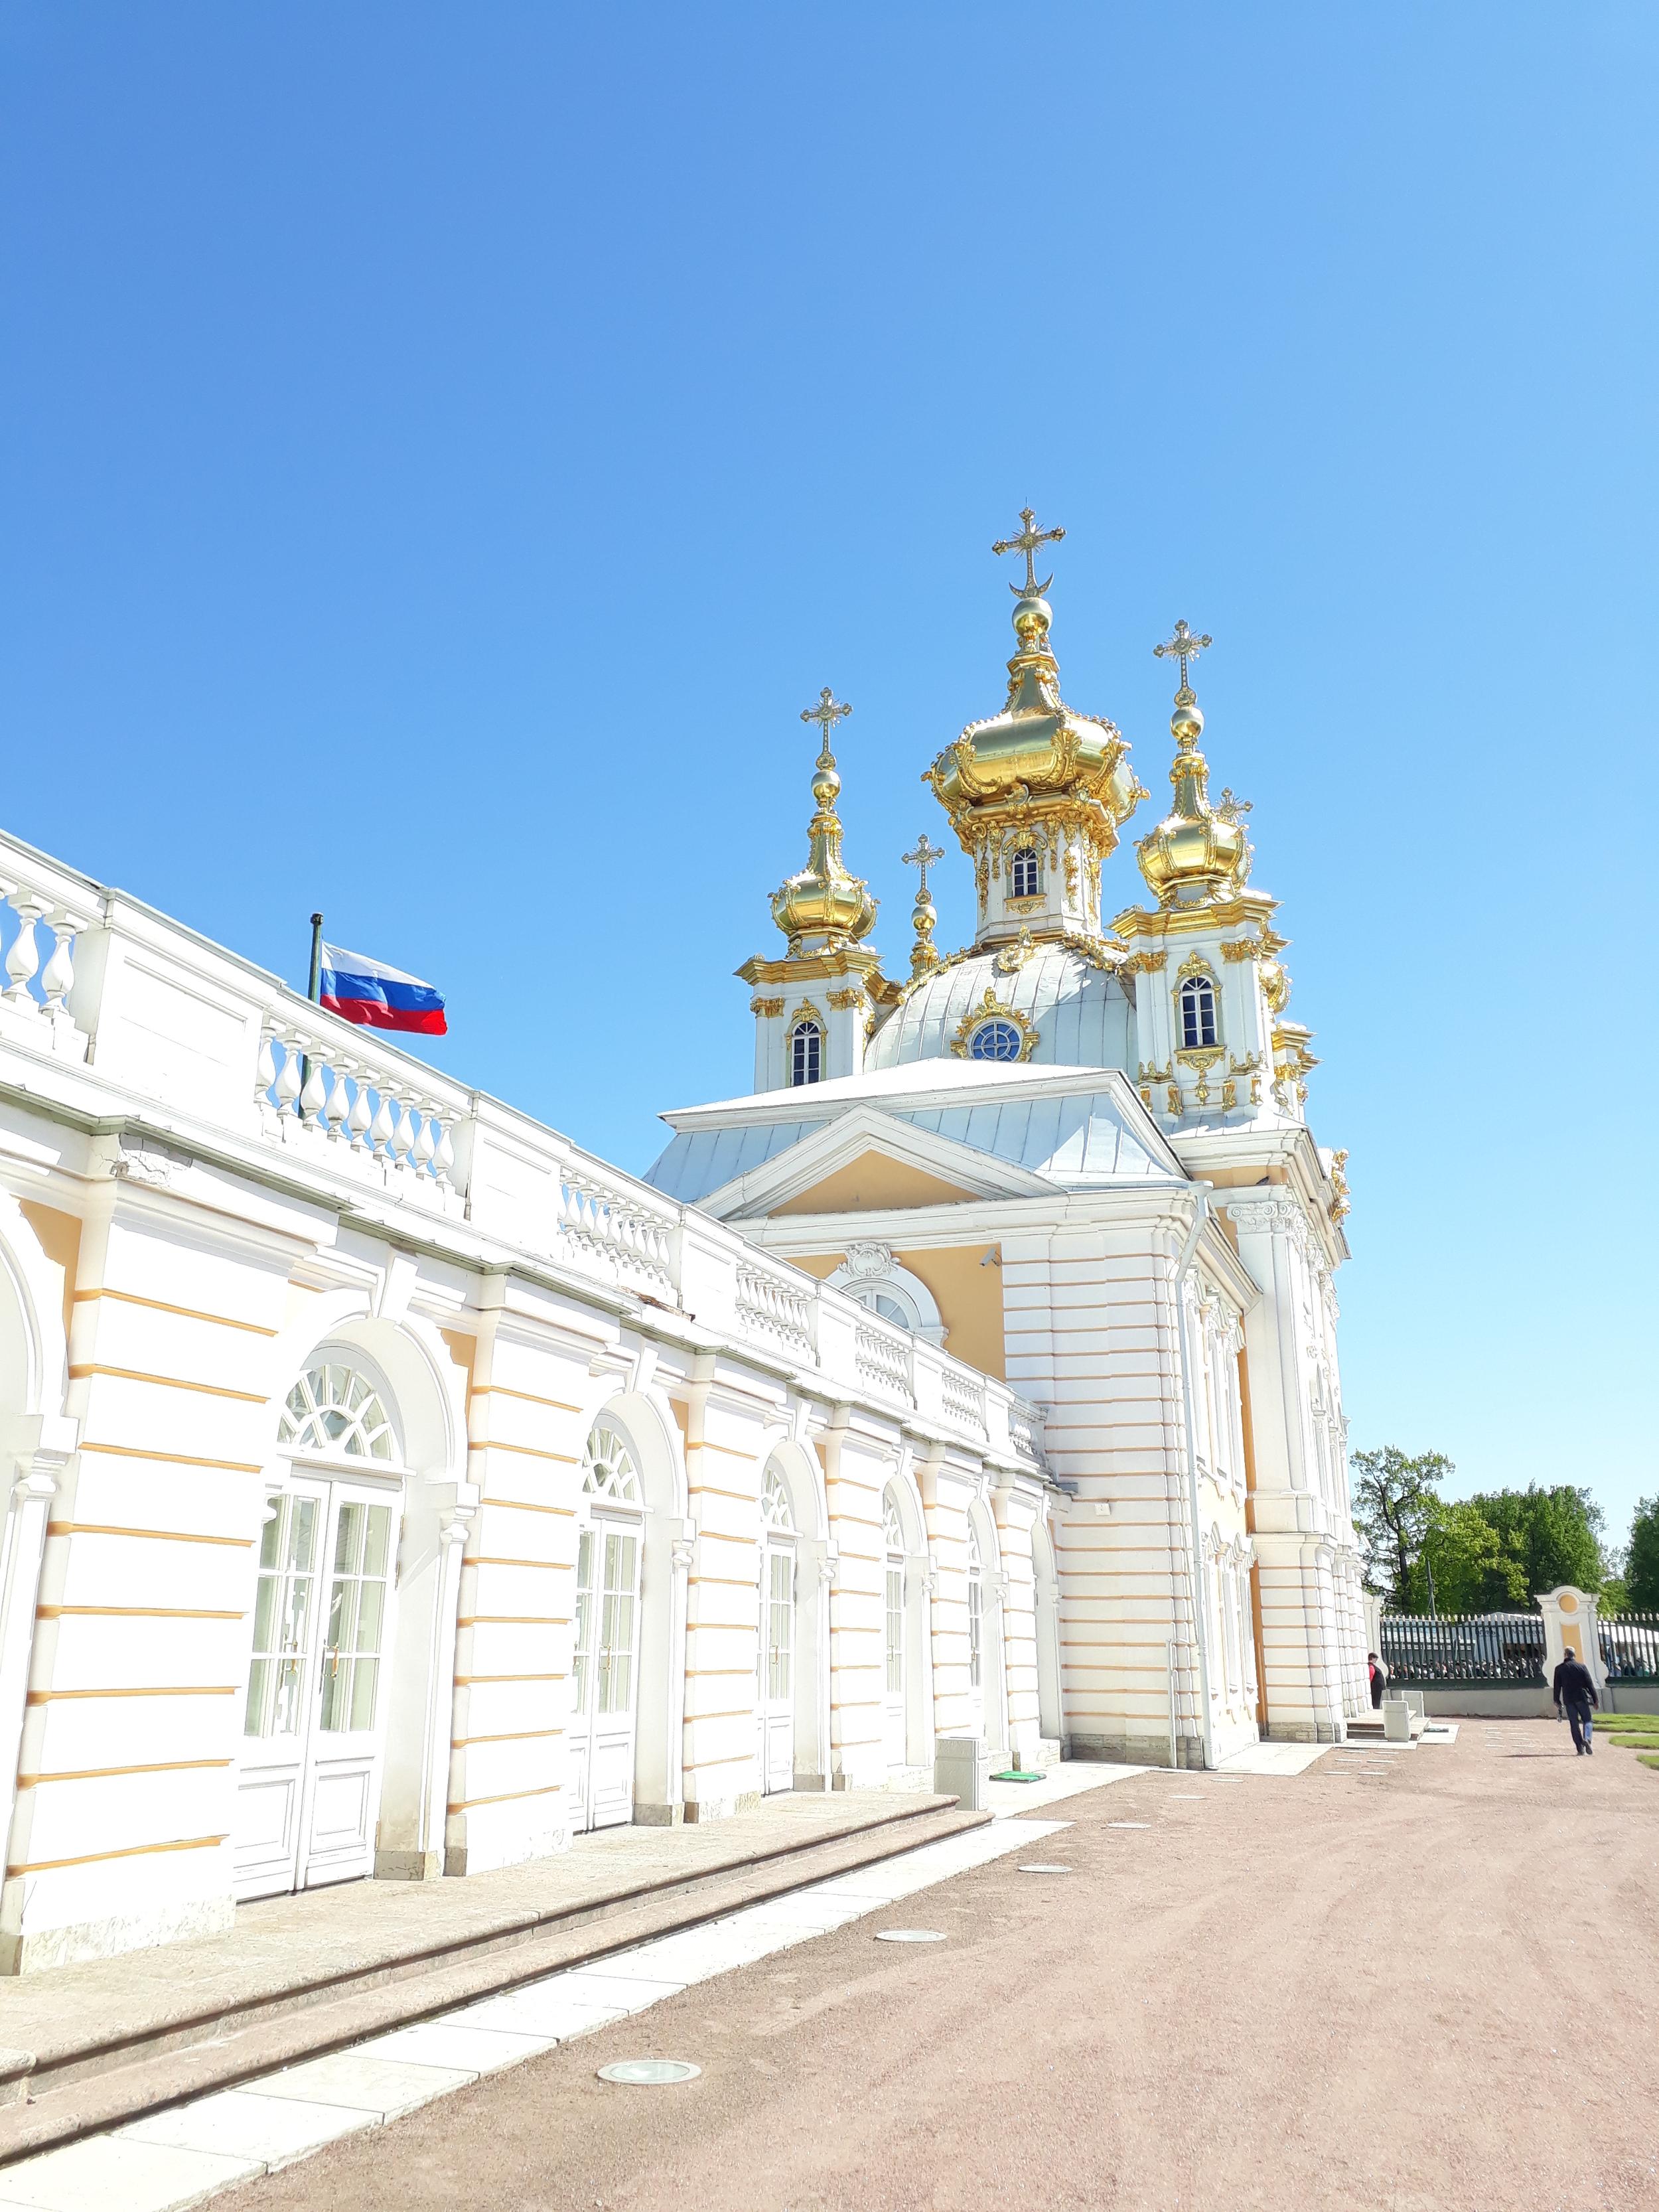 Templomok, kastélyok, és egy csodálatos kert - kirándulás Szentpéterváron